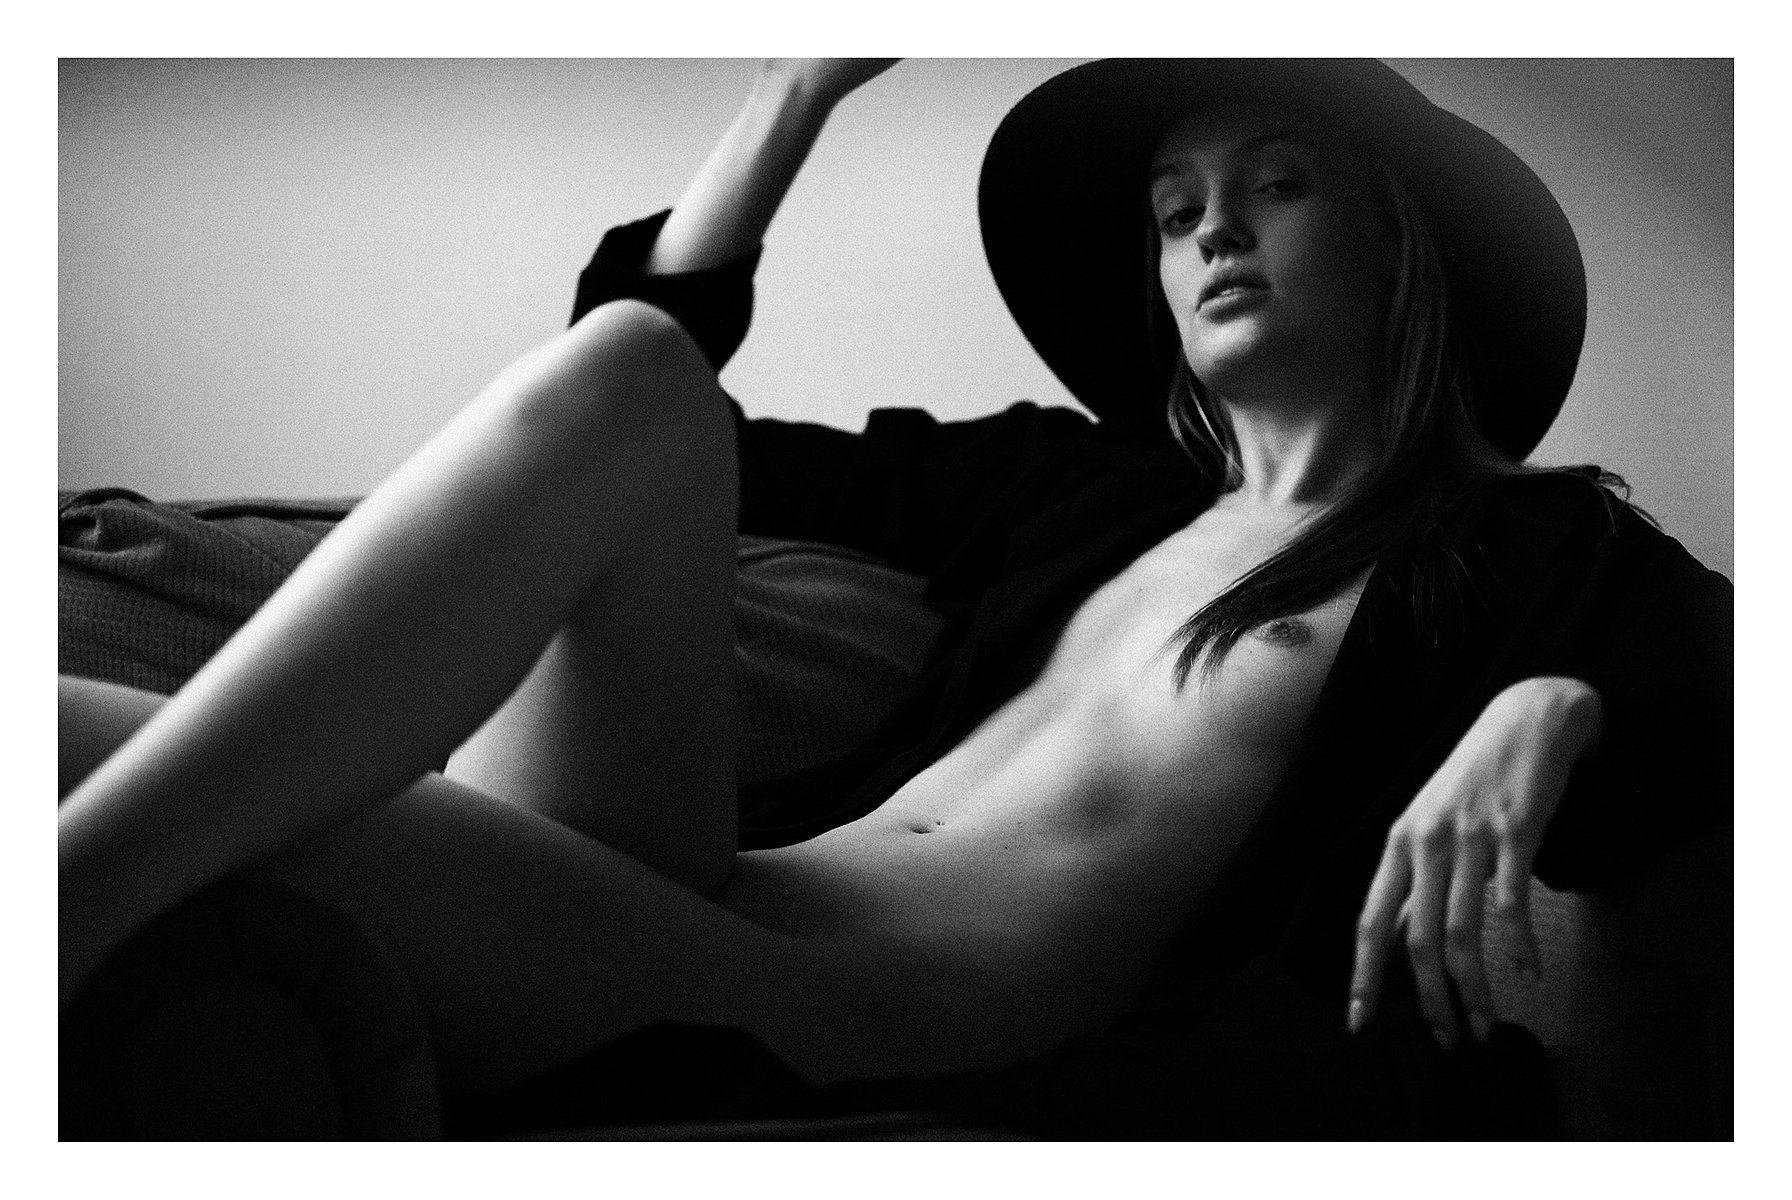 Boobs Jasmine Shogren nude photos 2019